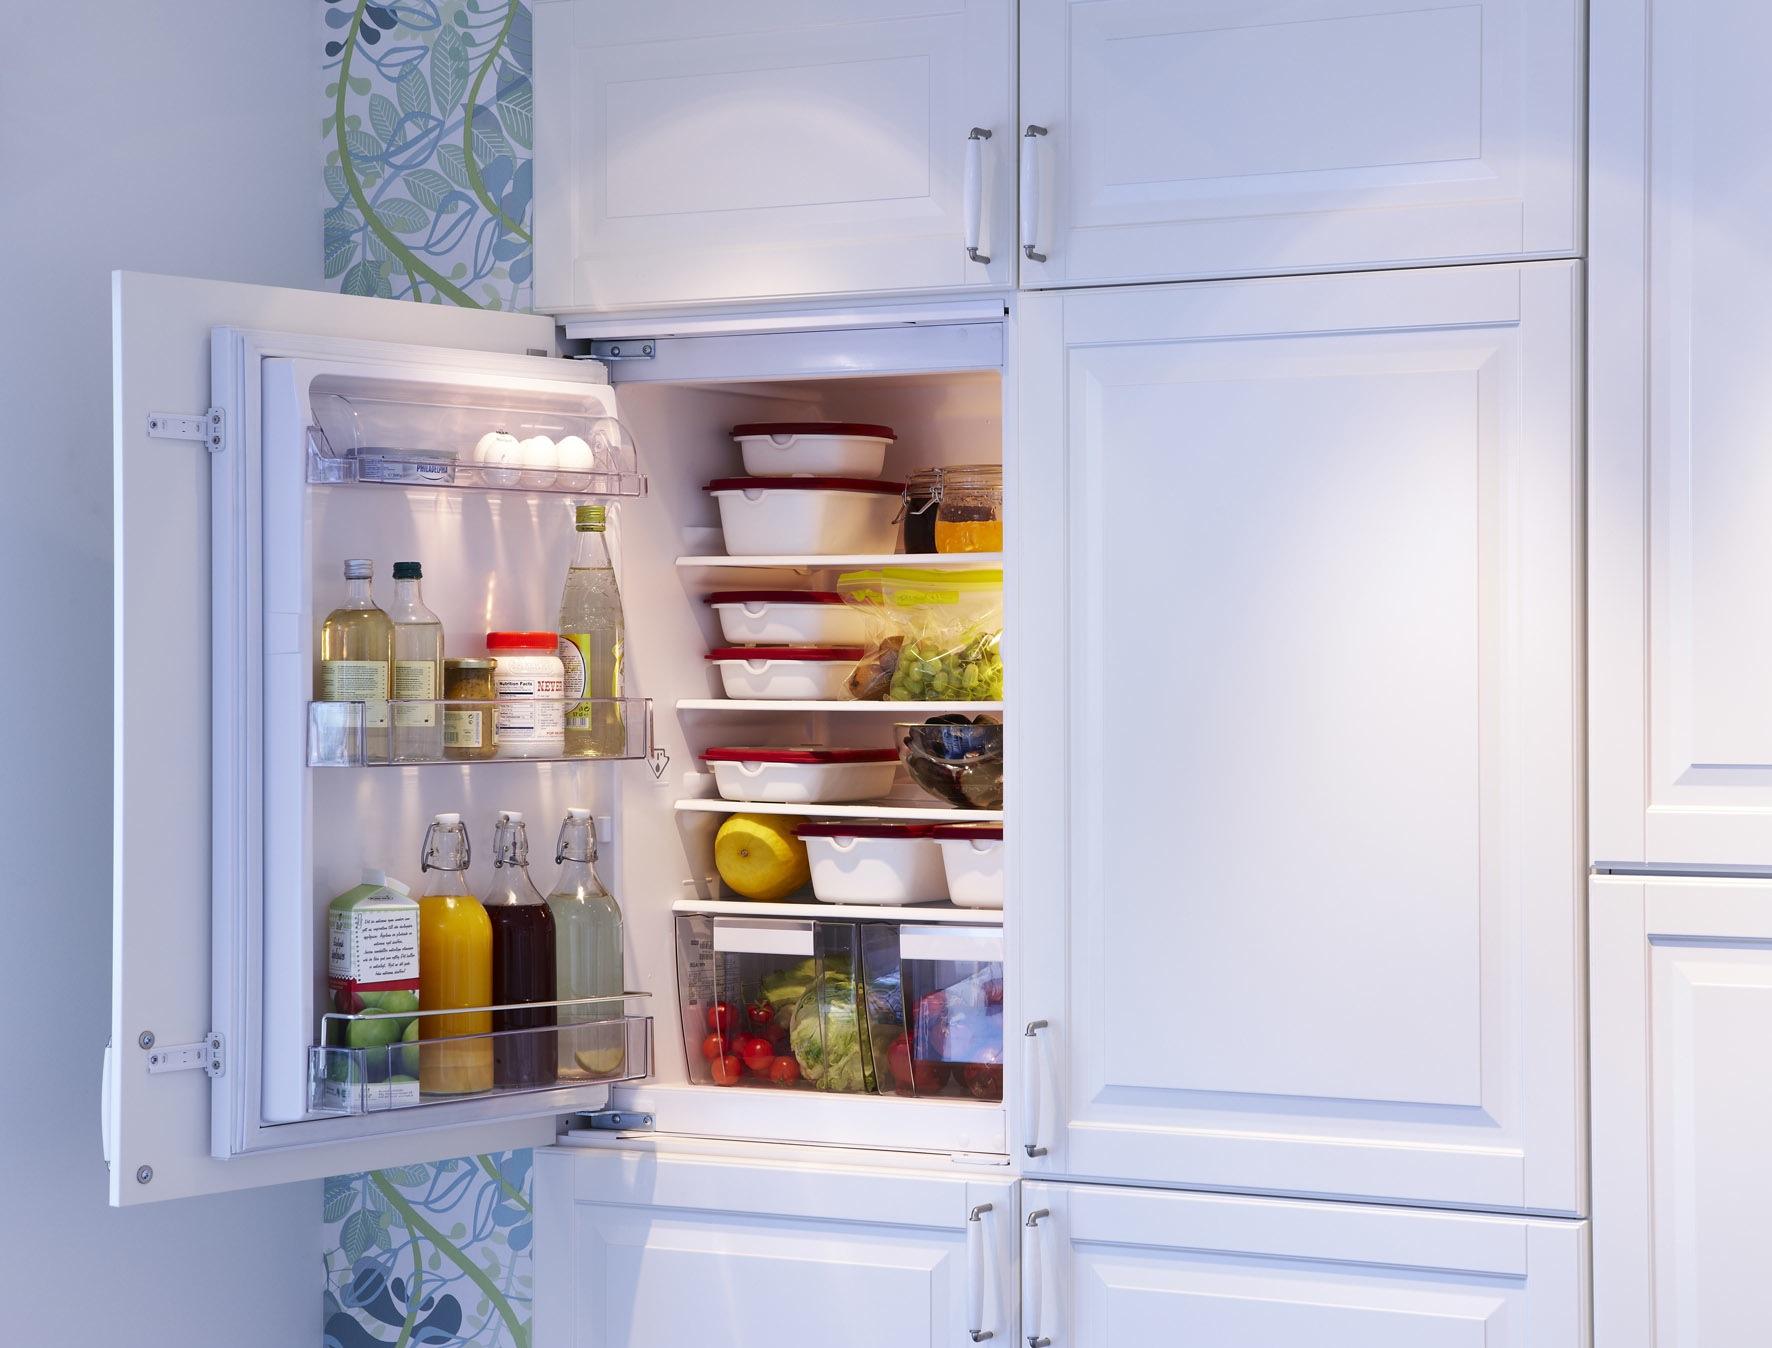 IKEA koelkast valt in de prijzen bij de Consumentenbond - Nieuws ...